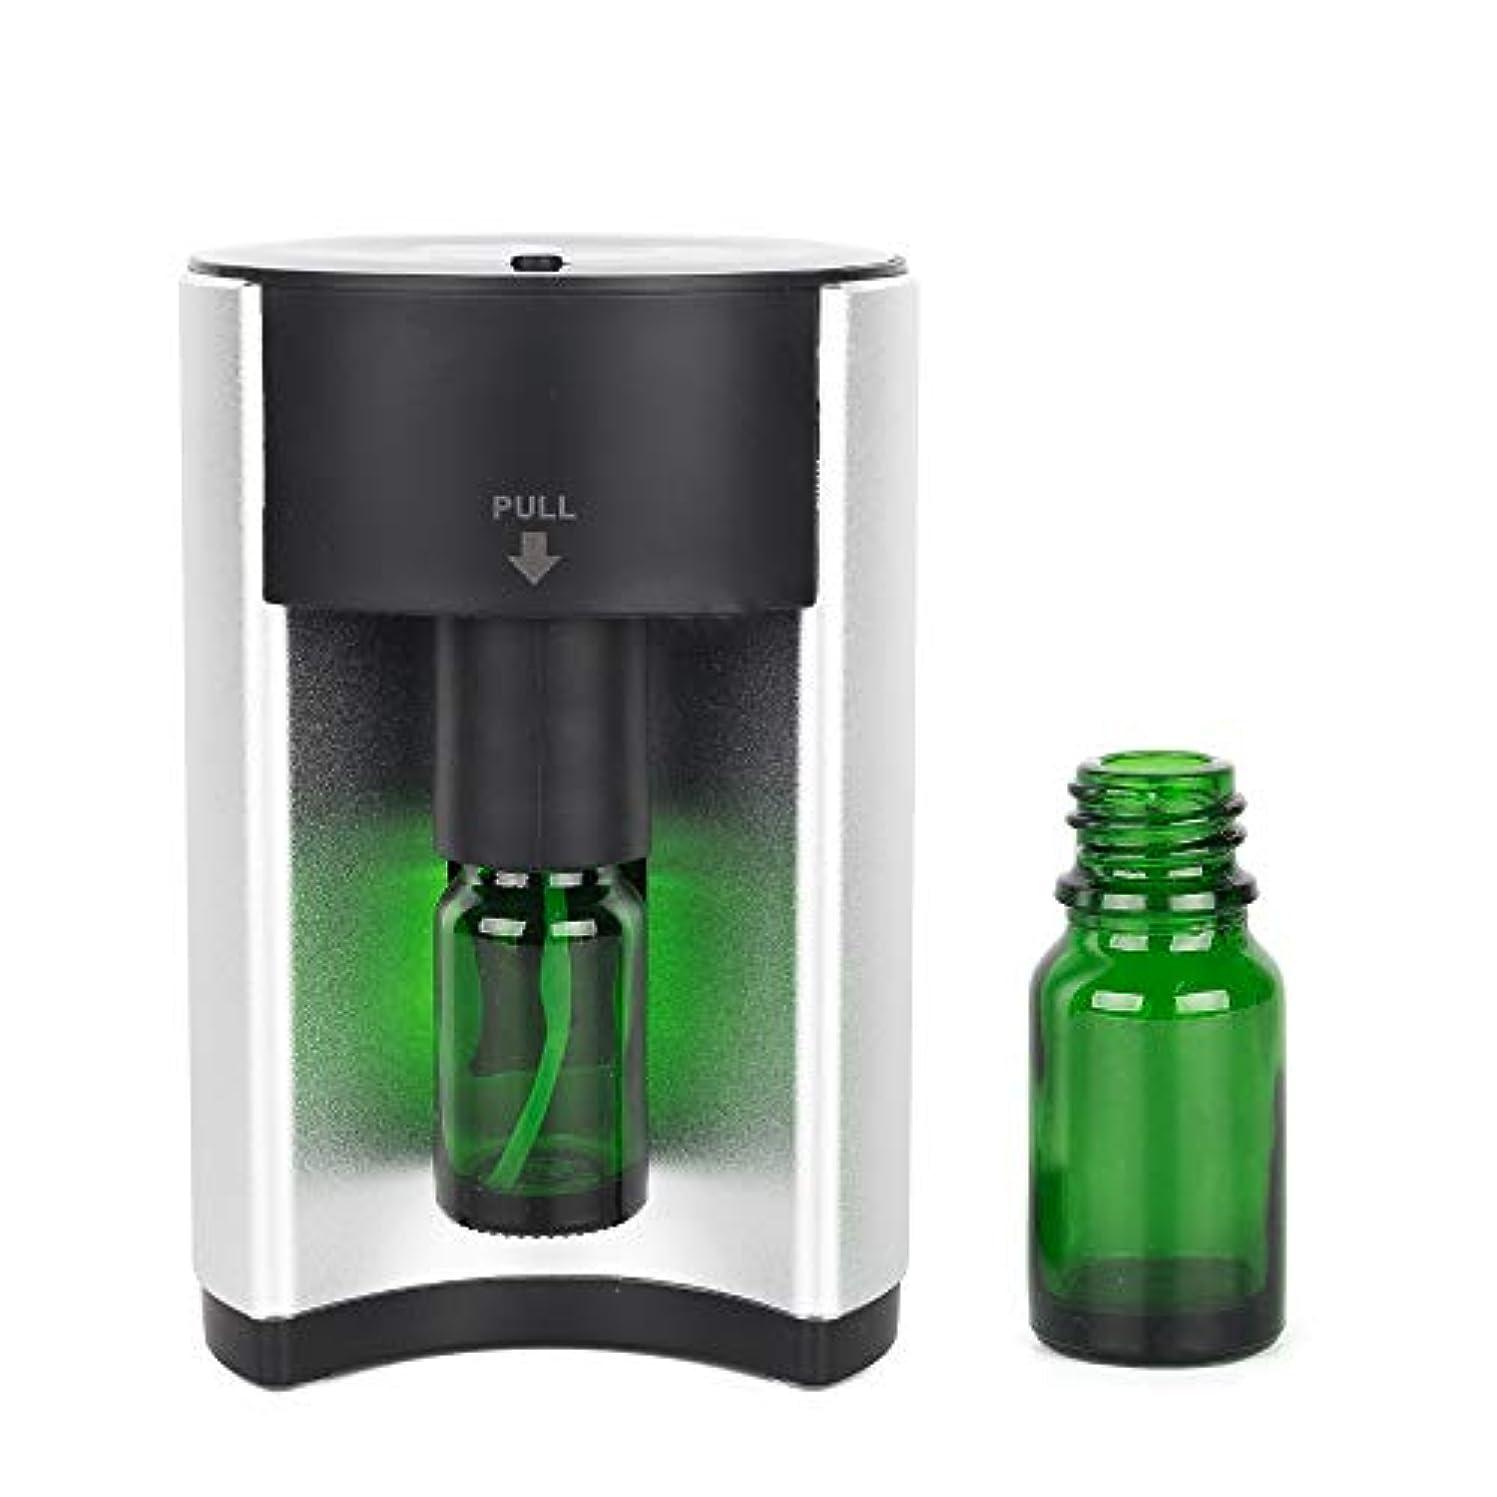 ポジション最初はぎこちないアロマディフューザー アロマ 芳香器 (GT-SH-S1)アロマオイル ネブライザー式 アロマポット usb コンセント 小型 香り おしゃれ 可愛い シンプル 軽量 卓上 シンプル スマート 水を使わない オイル別売り